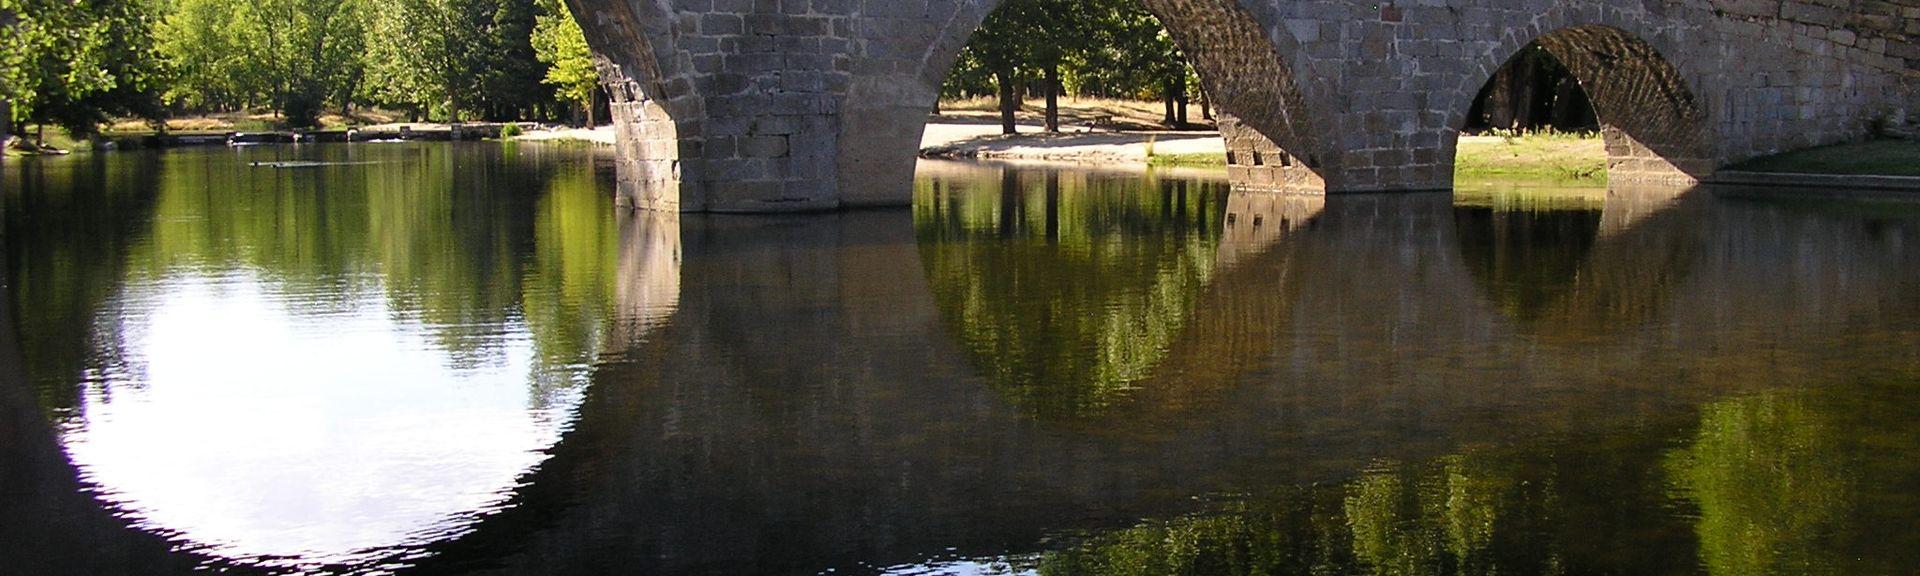 Burgohondo, Castilla y León, España